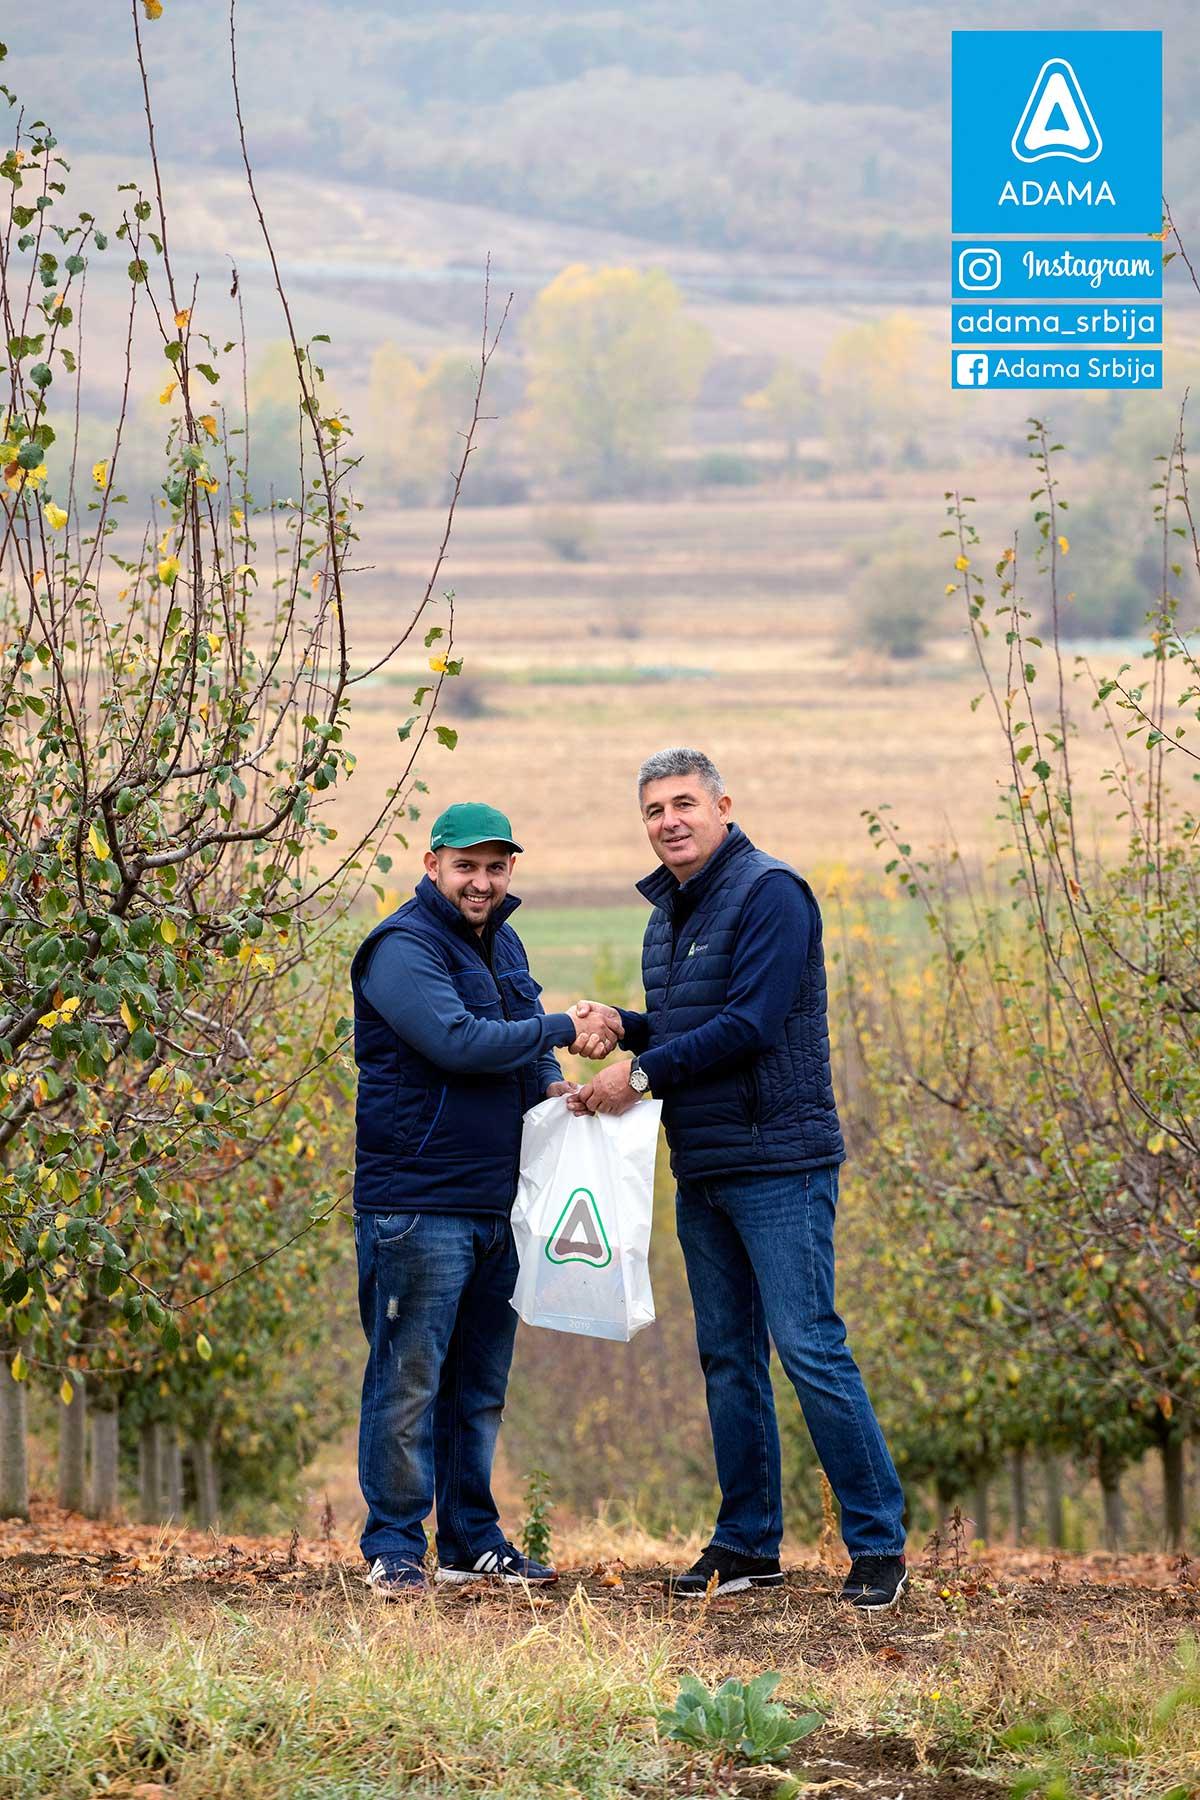 Agrosaveti---Adama---Sljiva--Gornje-Rataje---Darko-Blazic---Fotkaj-plod-i-uvecaj-rod---Konkurs